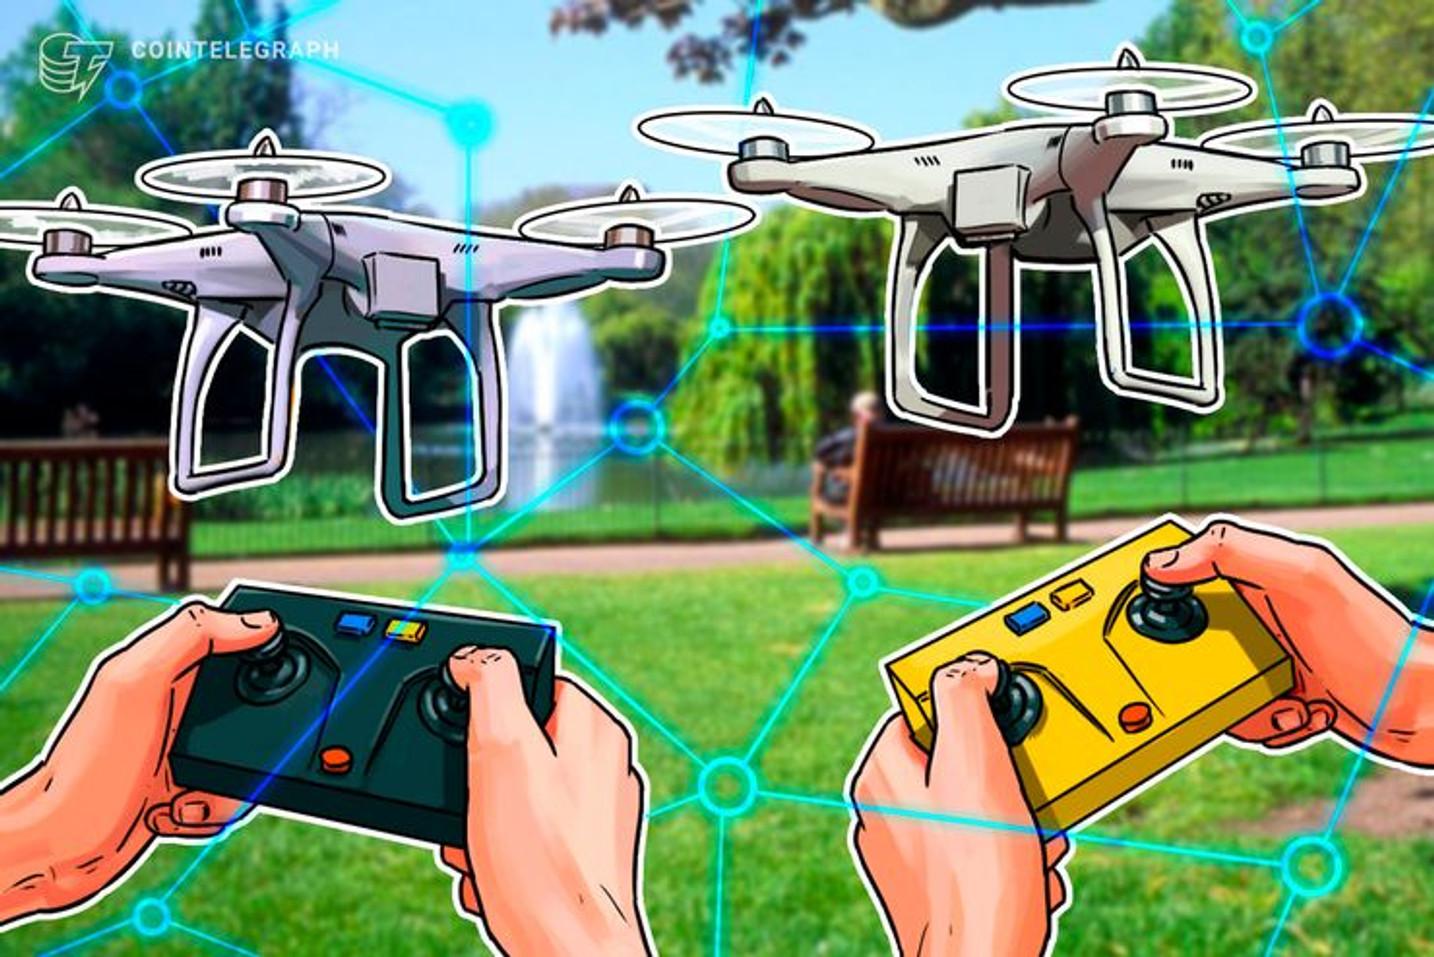 Puerto Rico: La firma Red Cat desarrolla cajas negras para drones, utilizando tecnología Blockchain